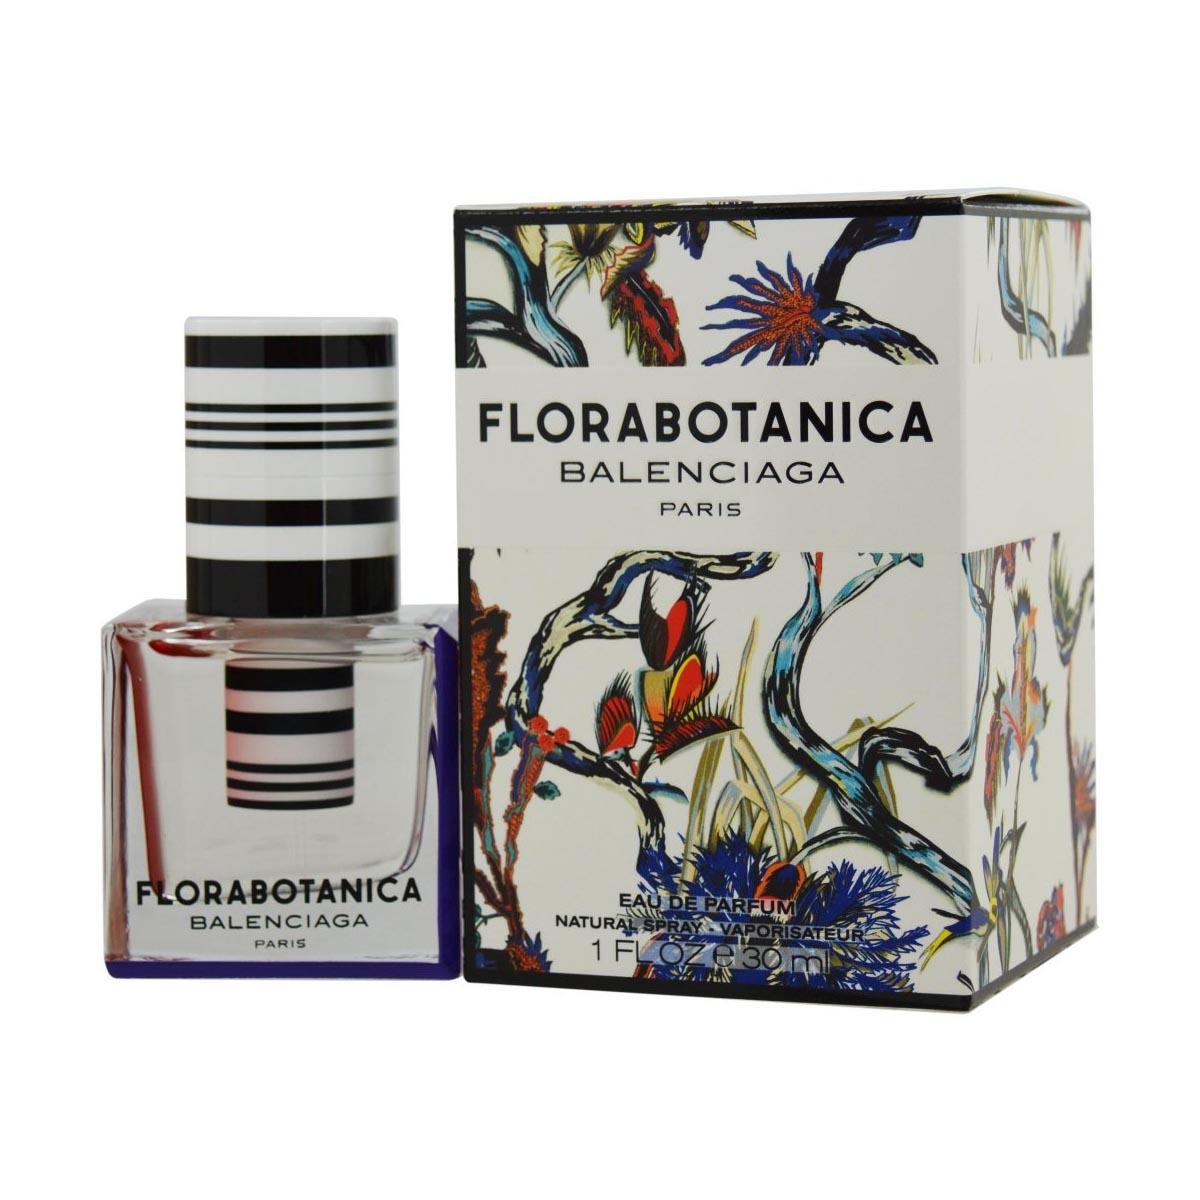 Balenciaga florabotanica eau de parfum 30ml vaporizador